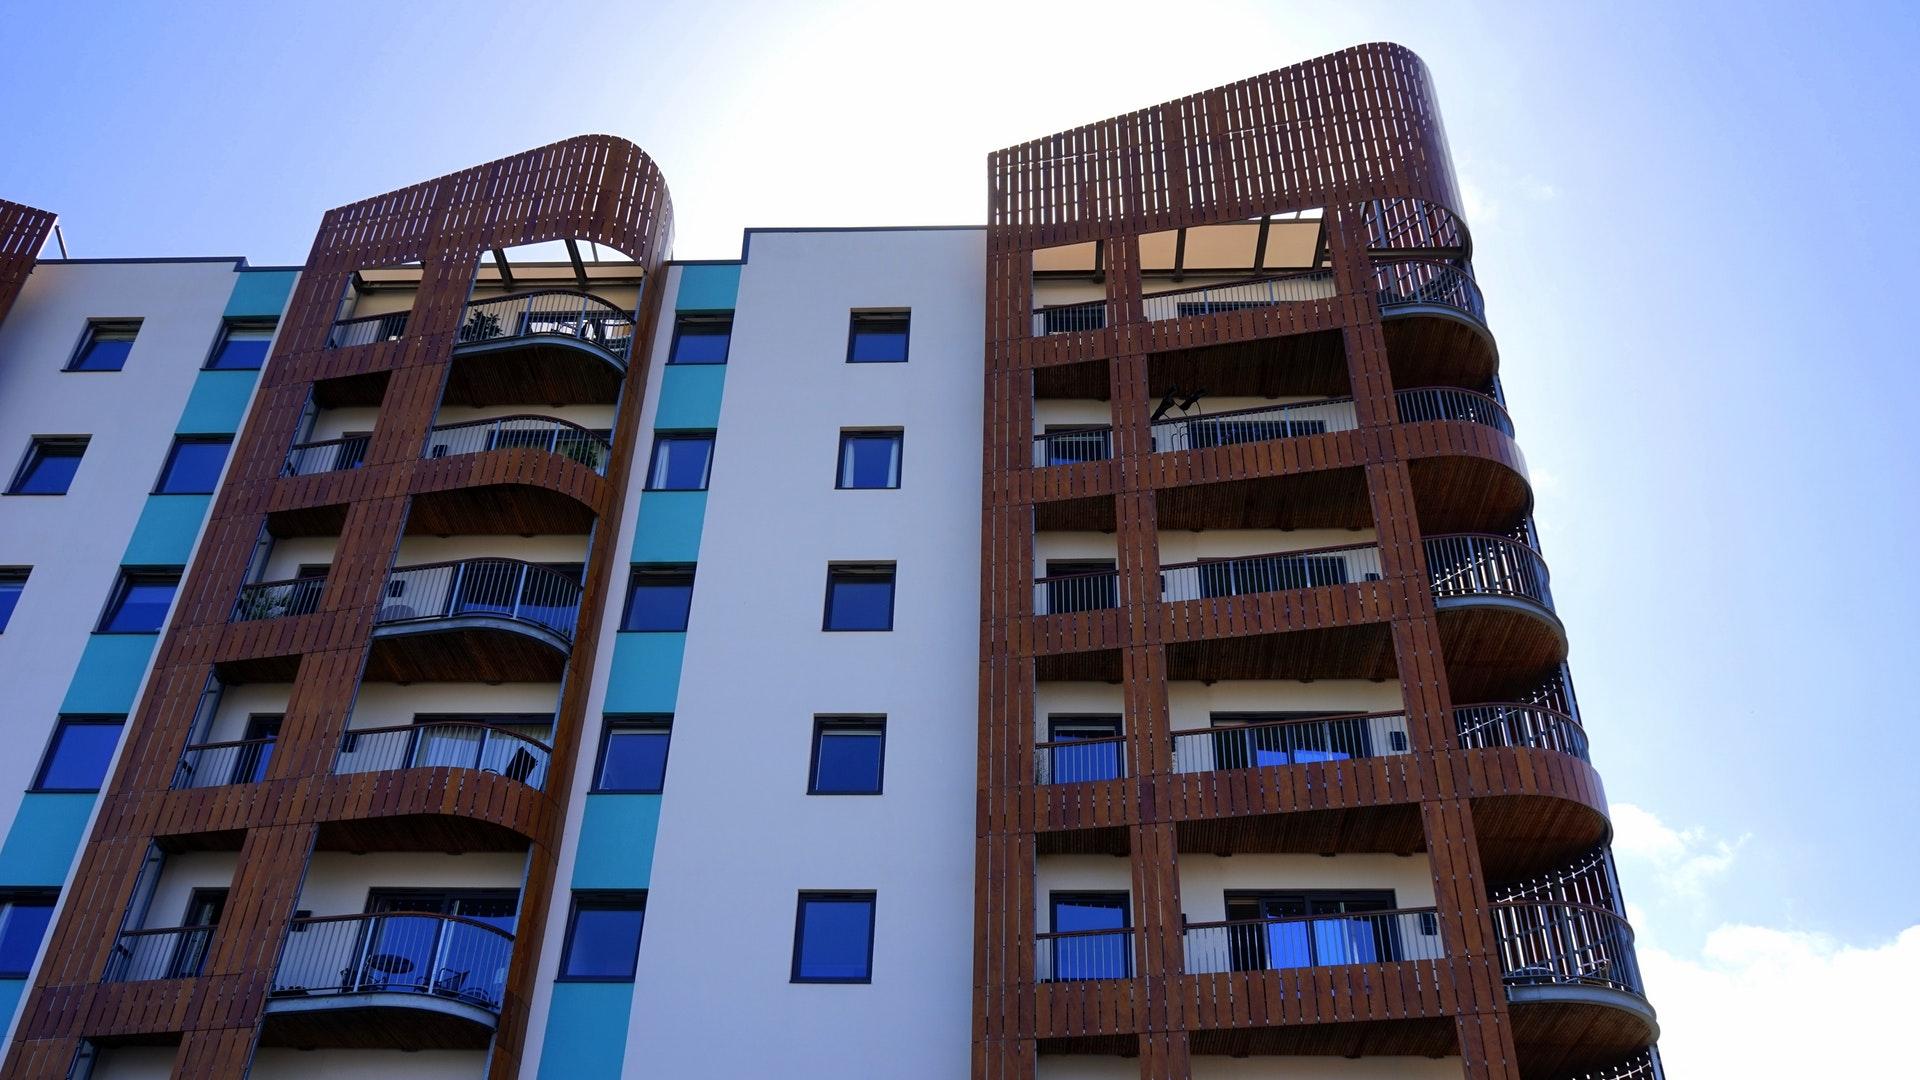 appartements avec design architectural